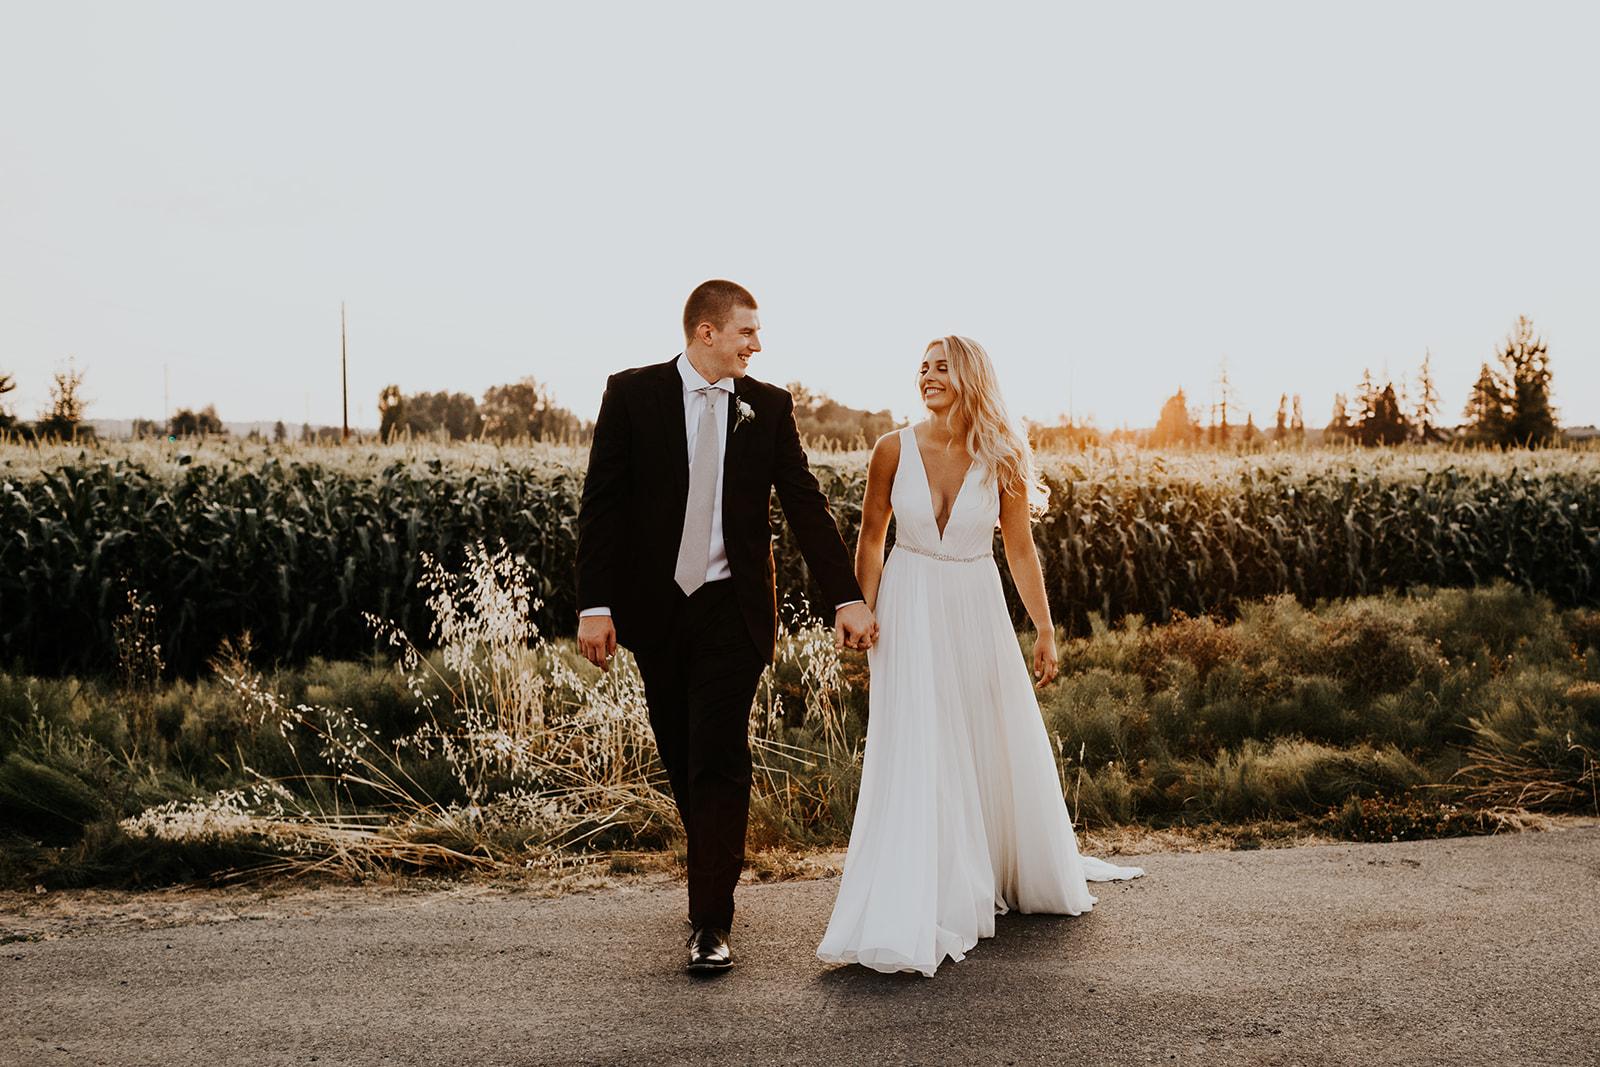 ginapaulson_larabryce_wedding-1028.jpg